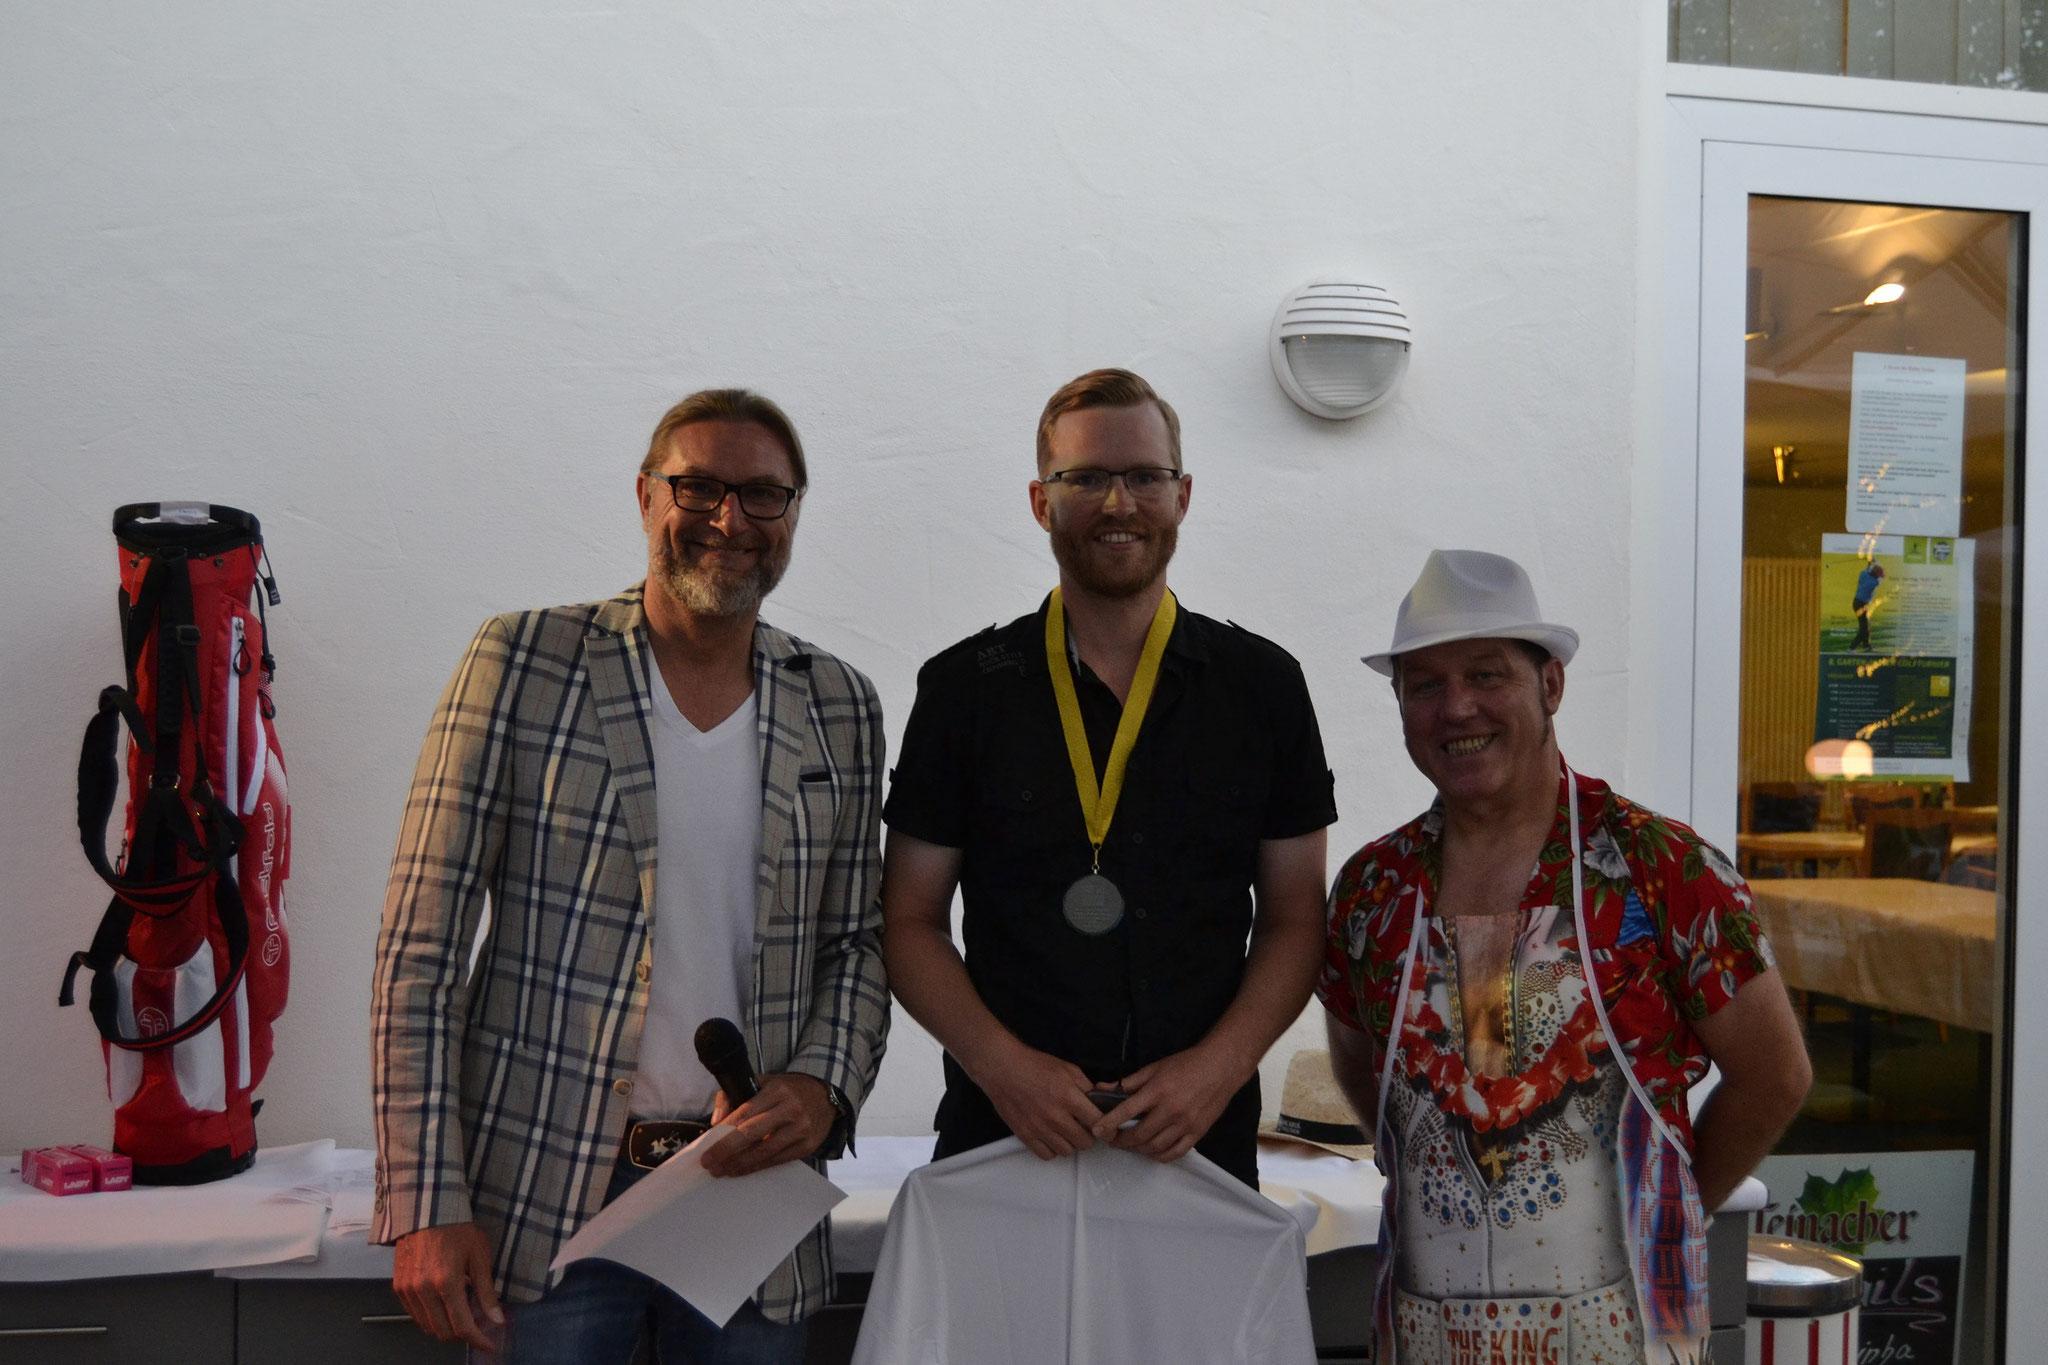 Brutto-Sieger bei den Herren wurde Kristian Kemmler (Mitte). Sonnenbühls bester Golfer erspielte 35 Bruttopunkte. Links Spielführer Michael Reiher und rechts Bruno Casola, Chef der Clubgastronomie und passend im Beachparty-Dress.